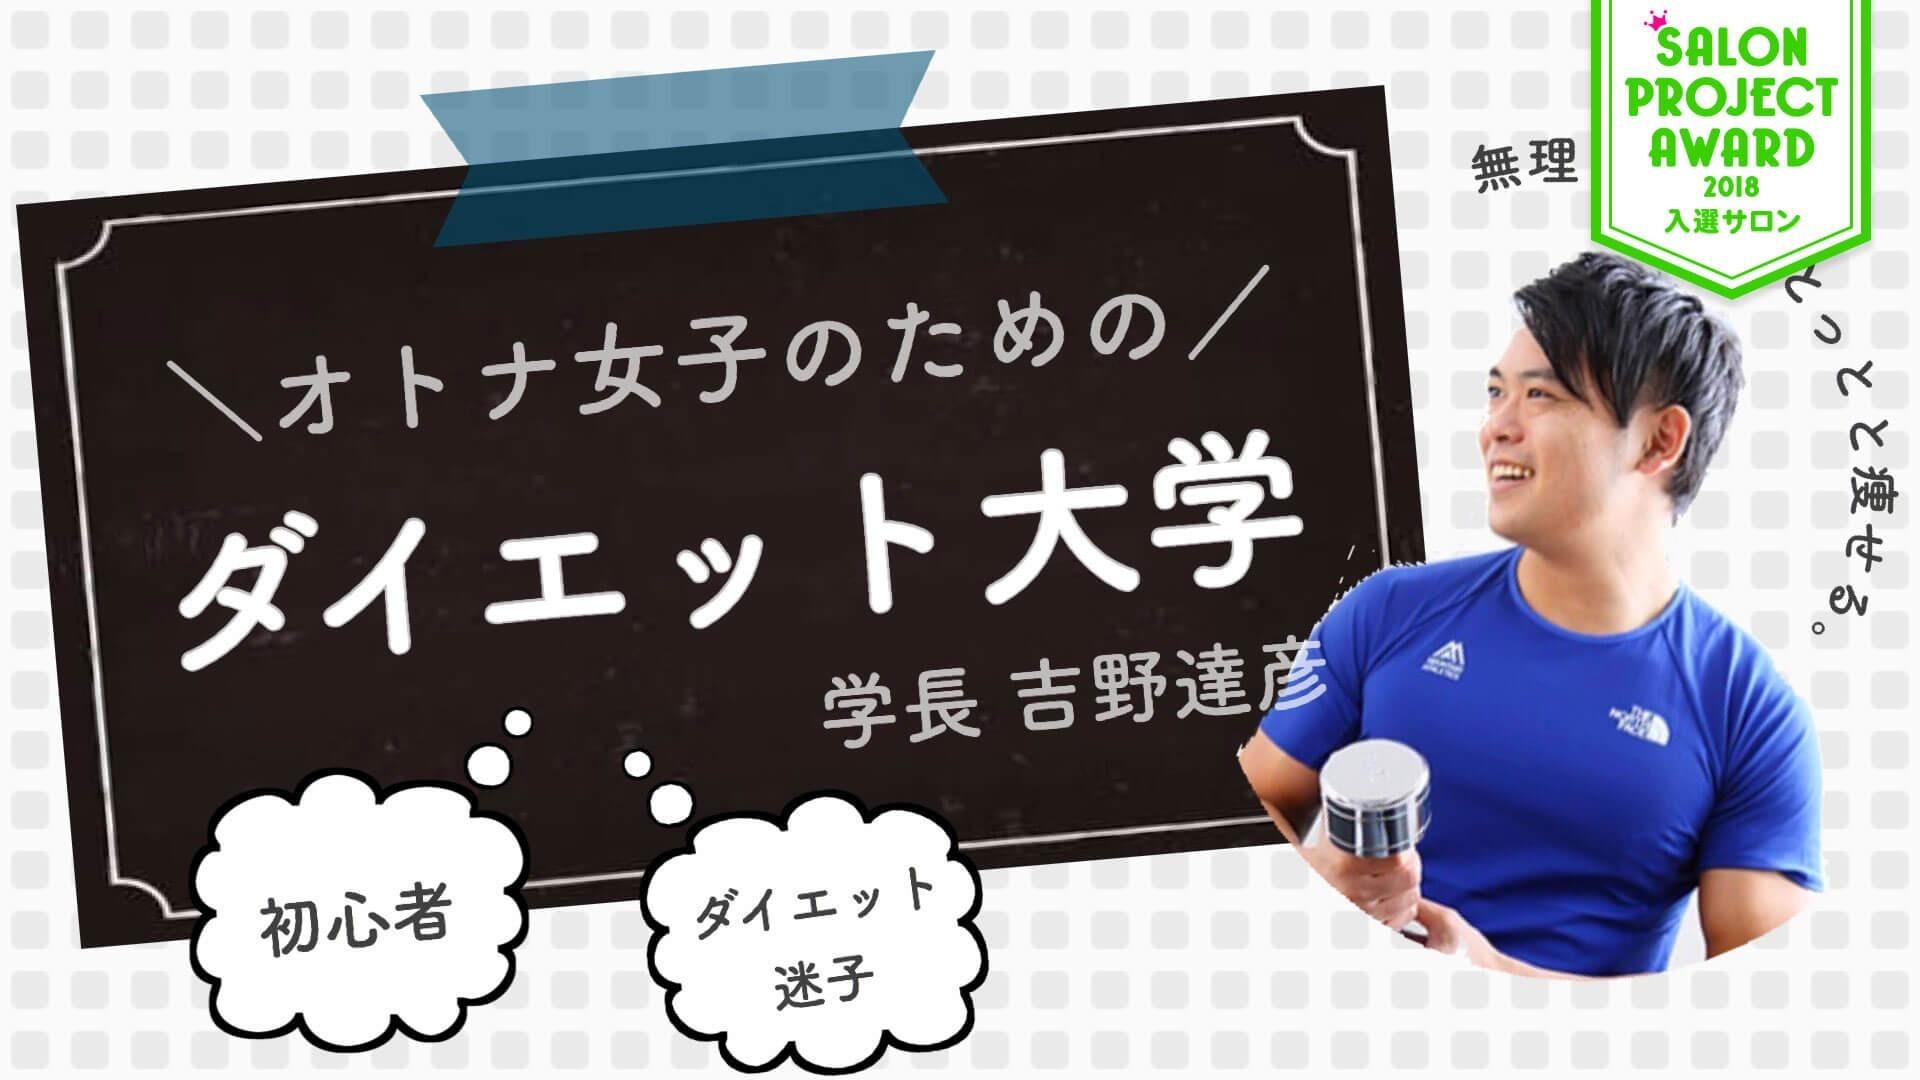 吉野 達彦 - オトナ女子のためのダイエット大学 - DMM オンラインサロン